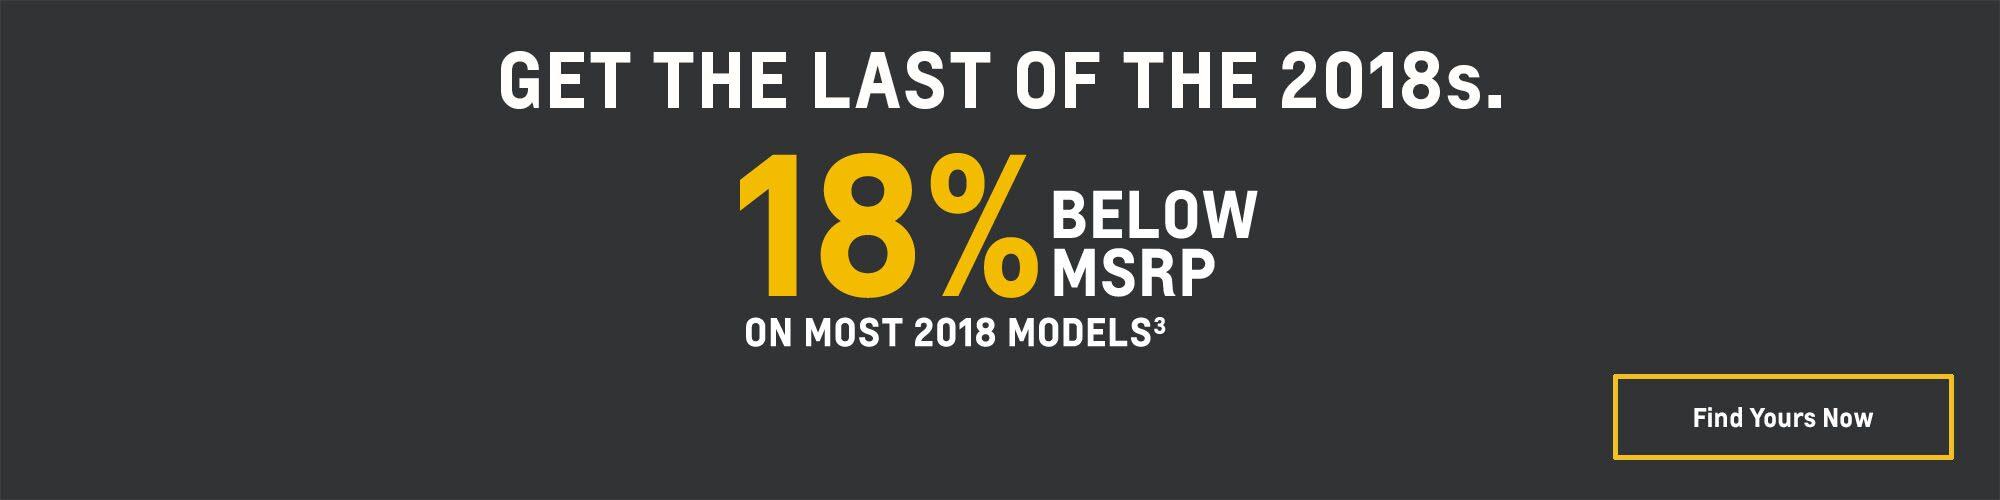 2018 Chevrolet Volt: 18% Below MSRP